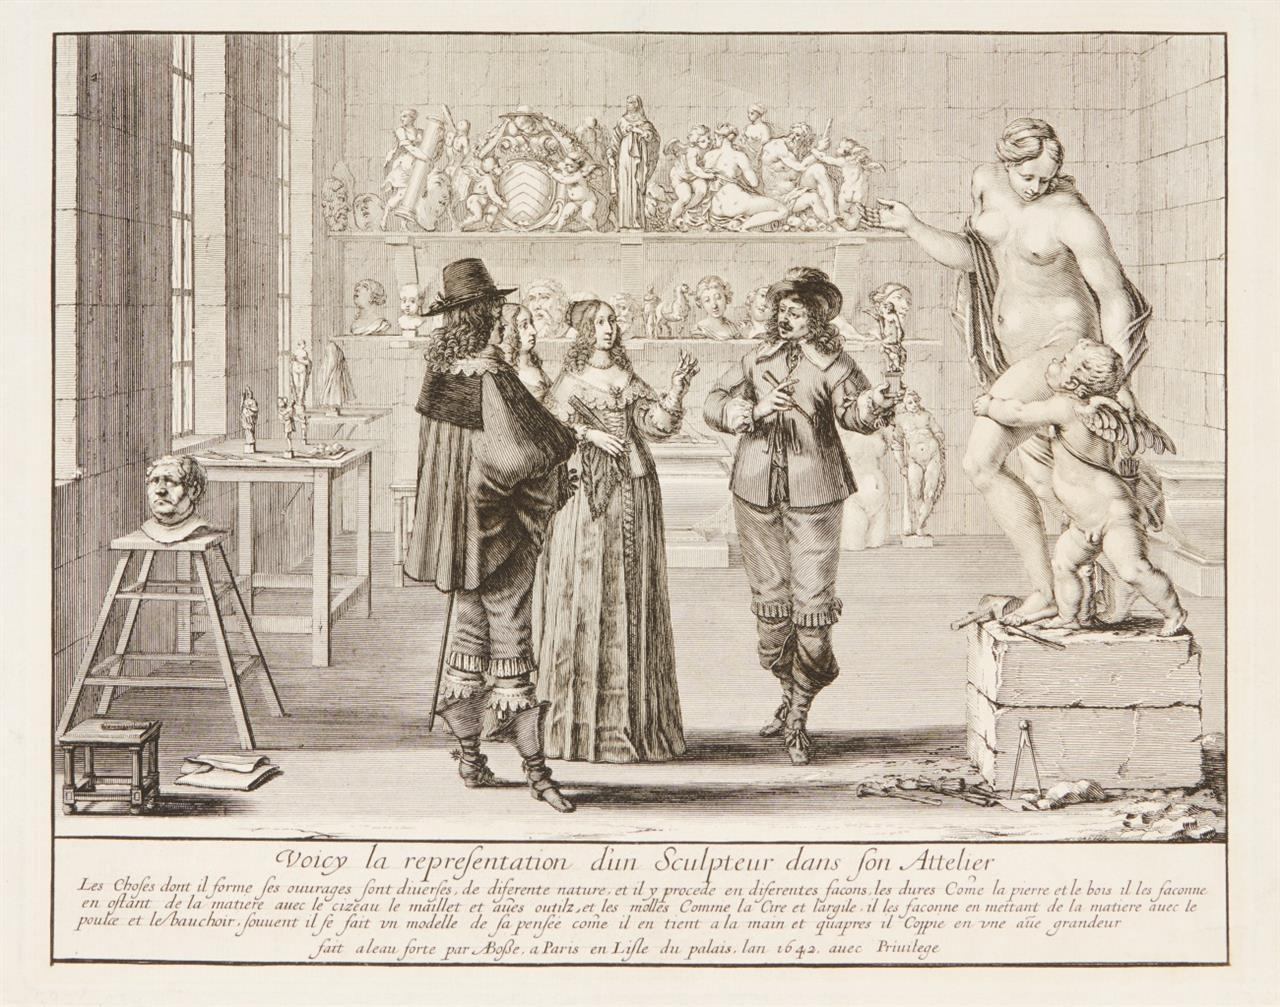 Abraham Bosse. Le Sculpteur. 1642. Radierung. Blum 204.